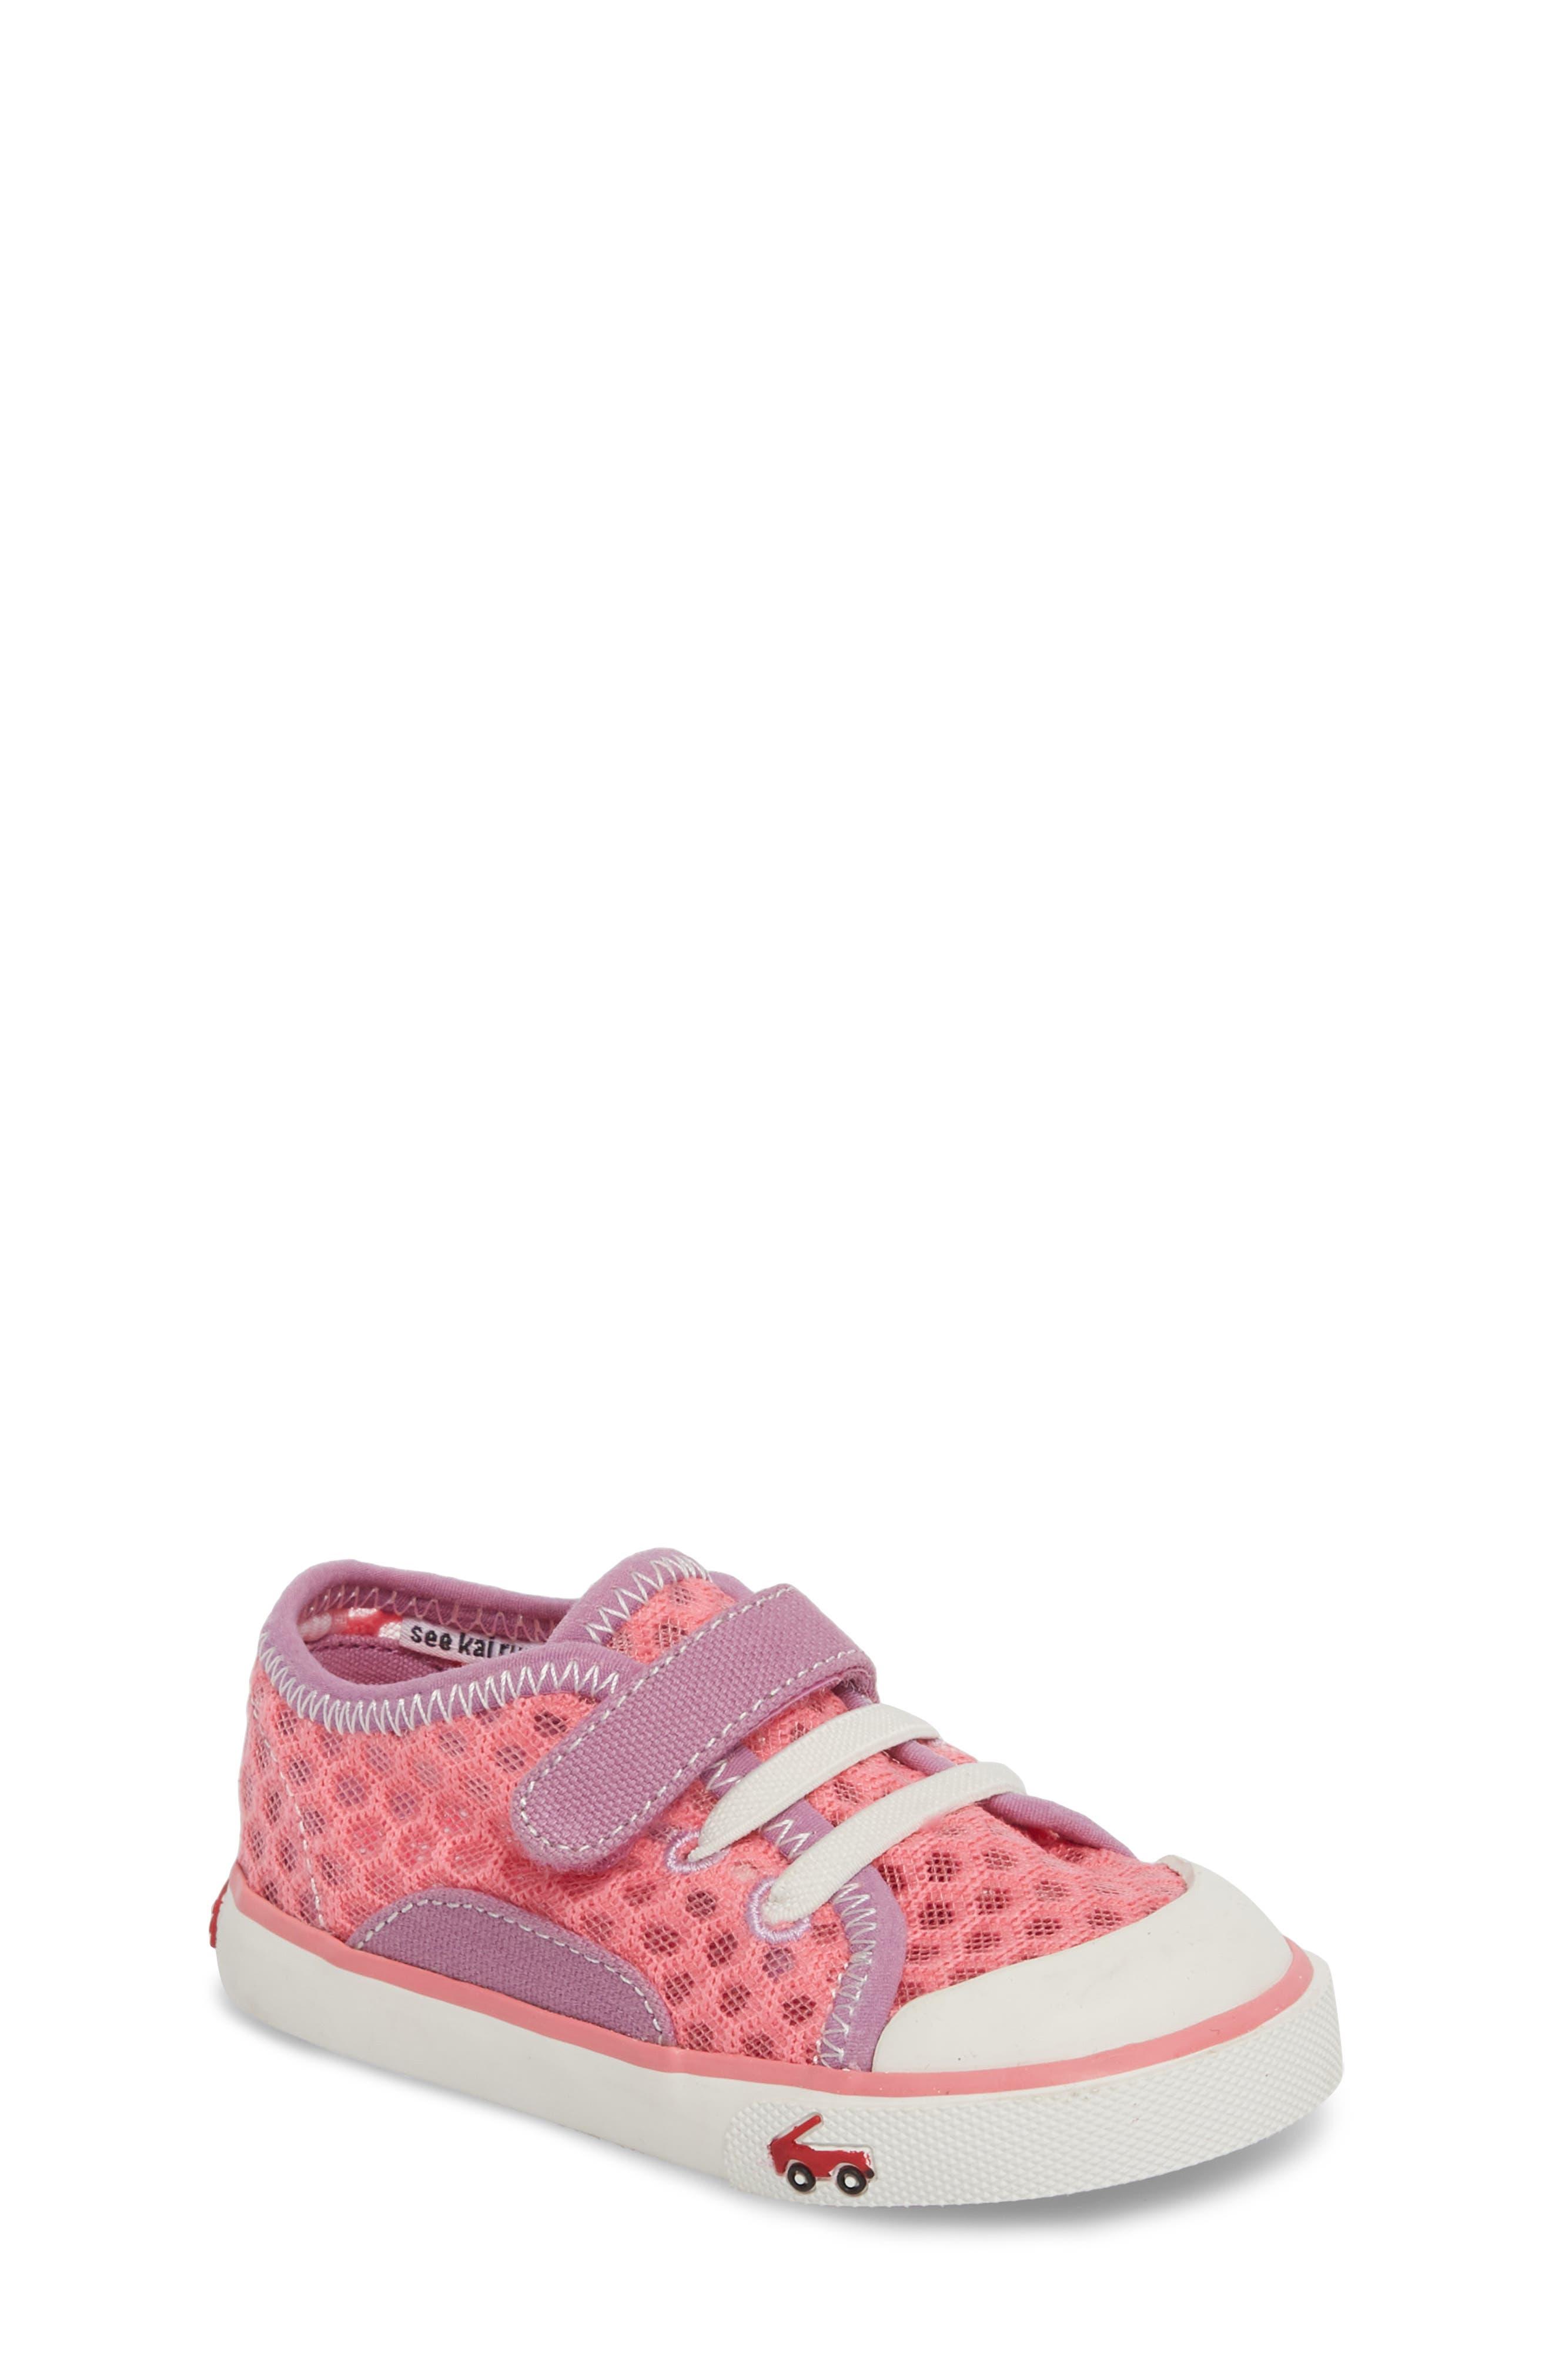 Saylor Sneaker,                             Main thumbnail 1, color,                             Hot Pink